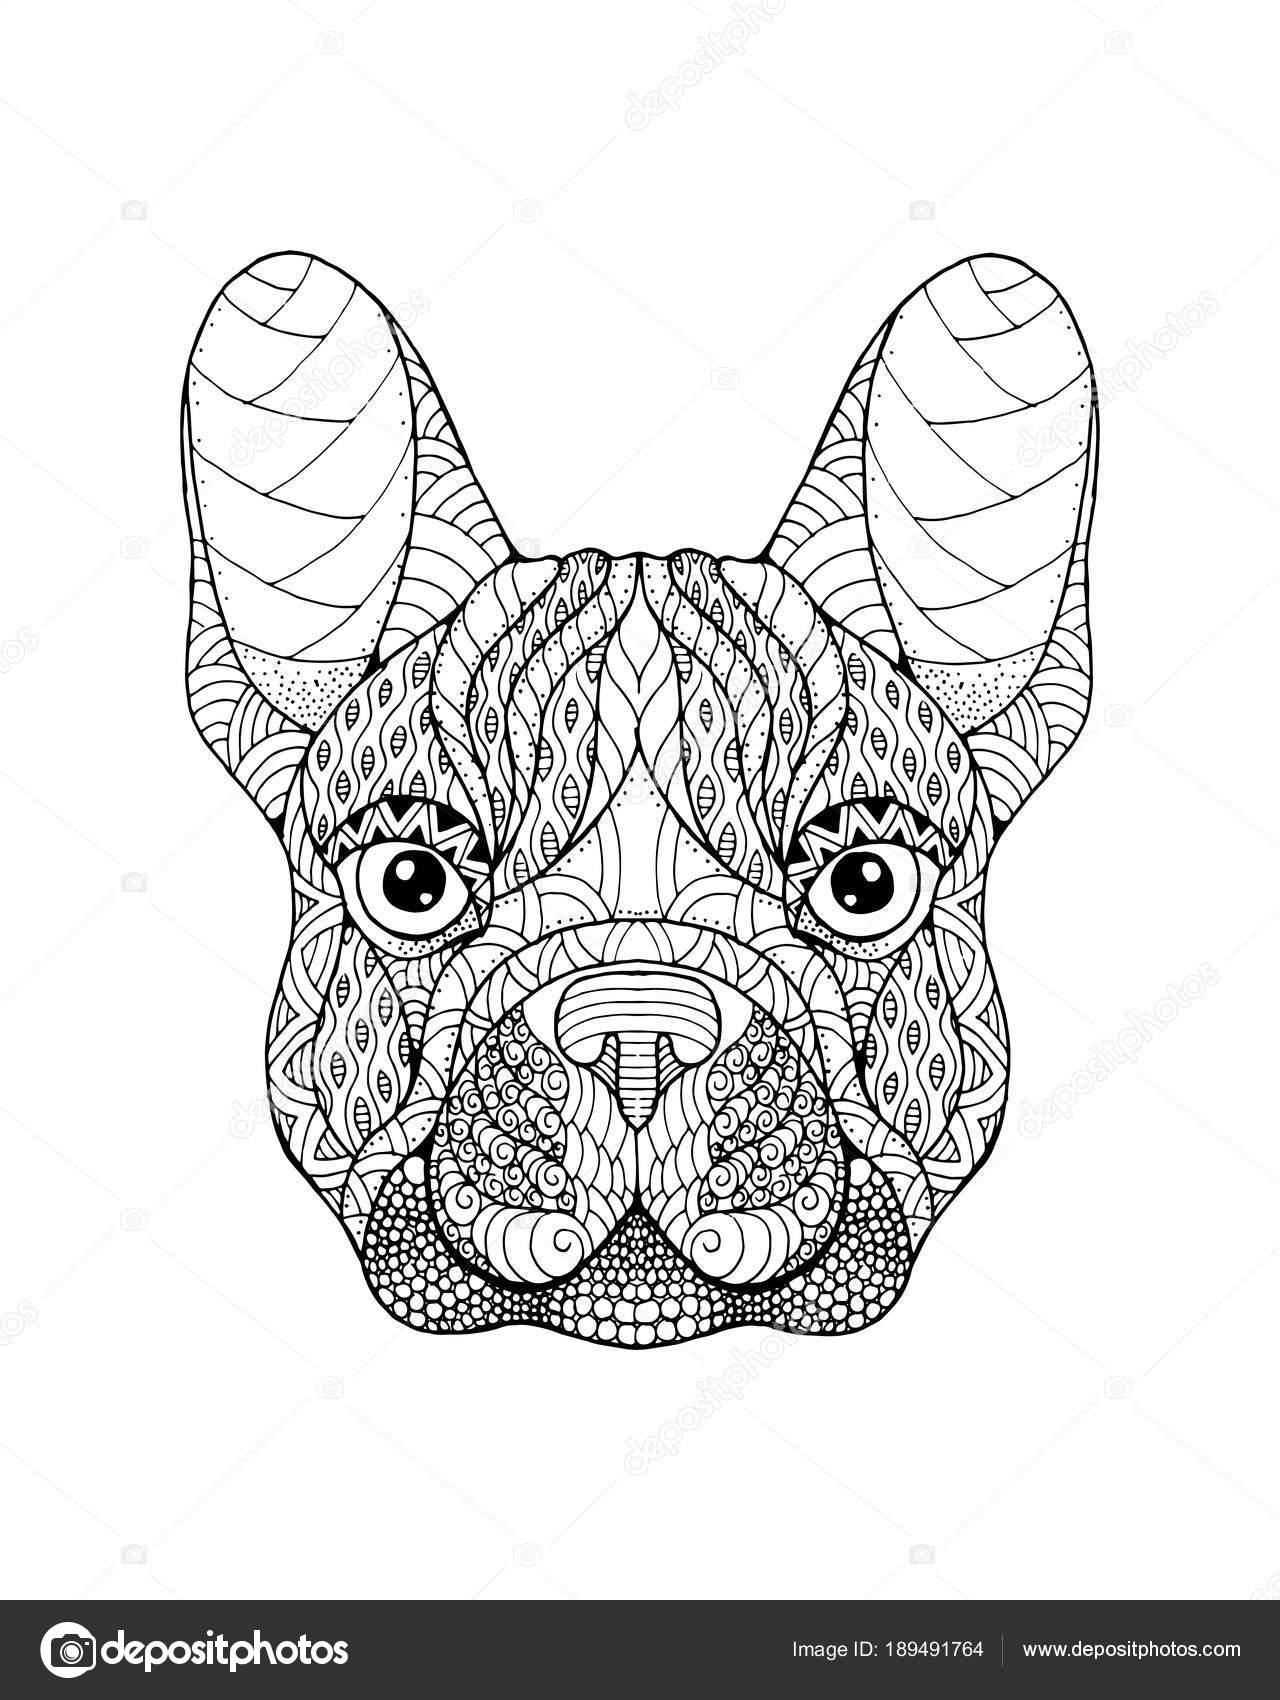 Bulldog Francese Cane Zentangle Stilizzato Illustrat Di Vettore A